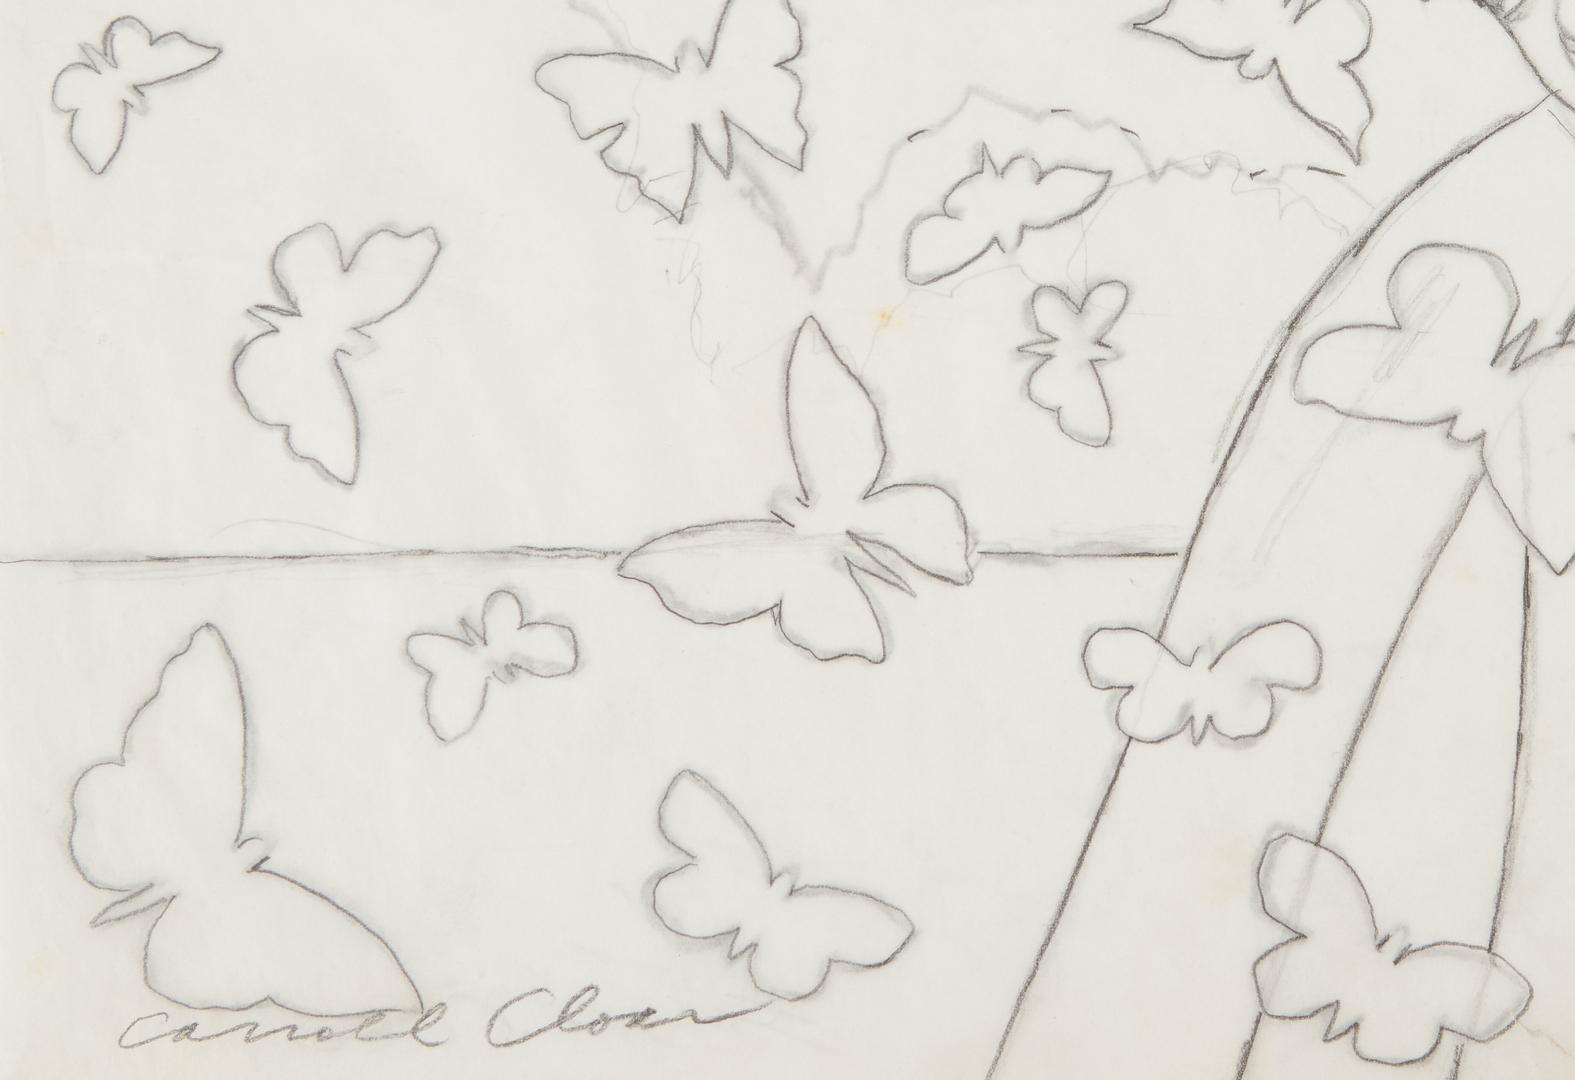 Lot 162: Carroll Cloar Drawing, Man w/ butterflies